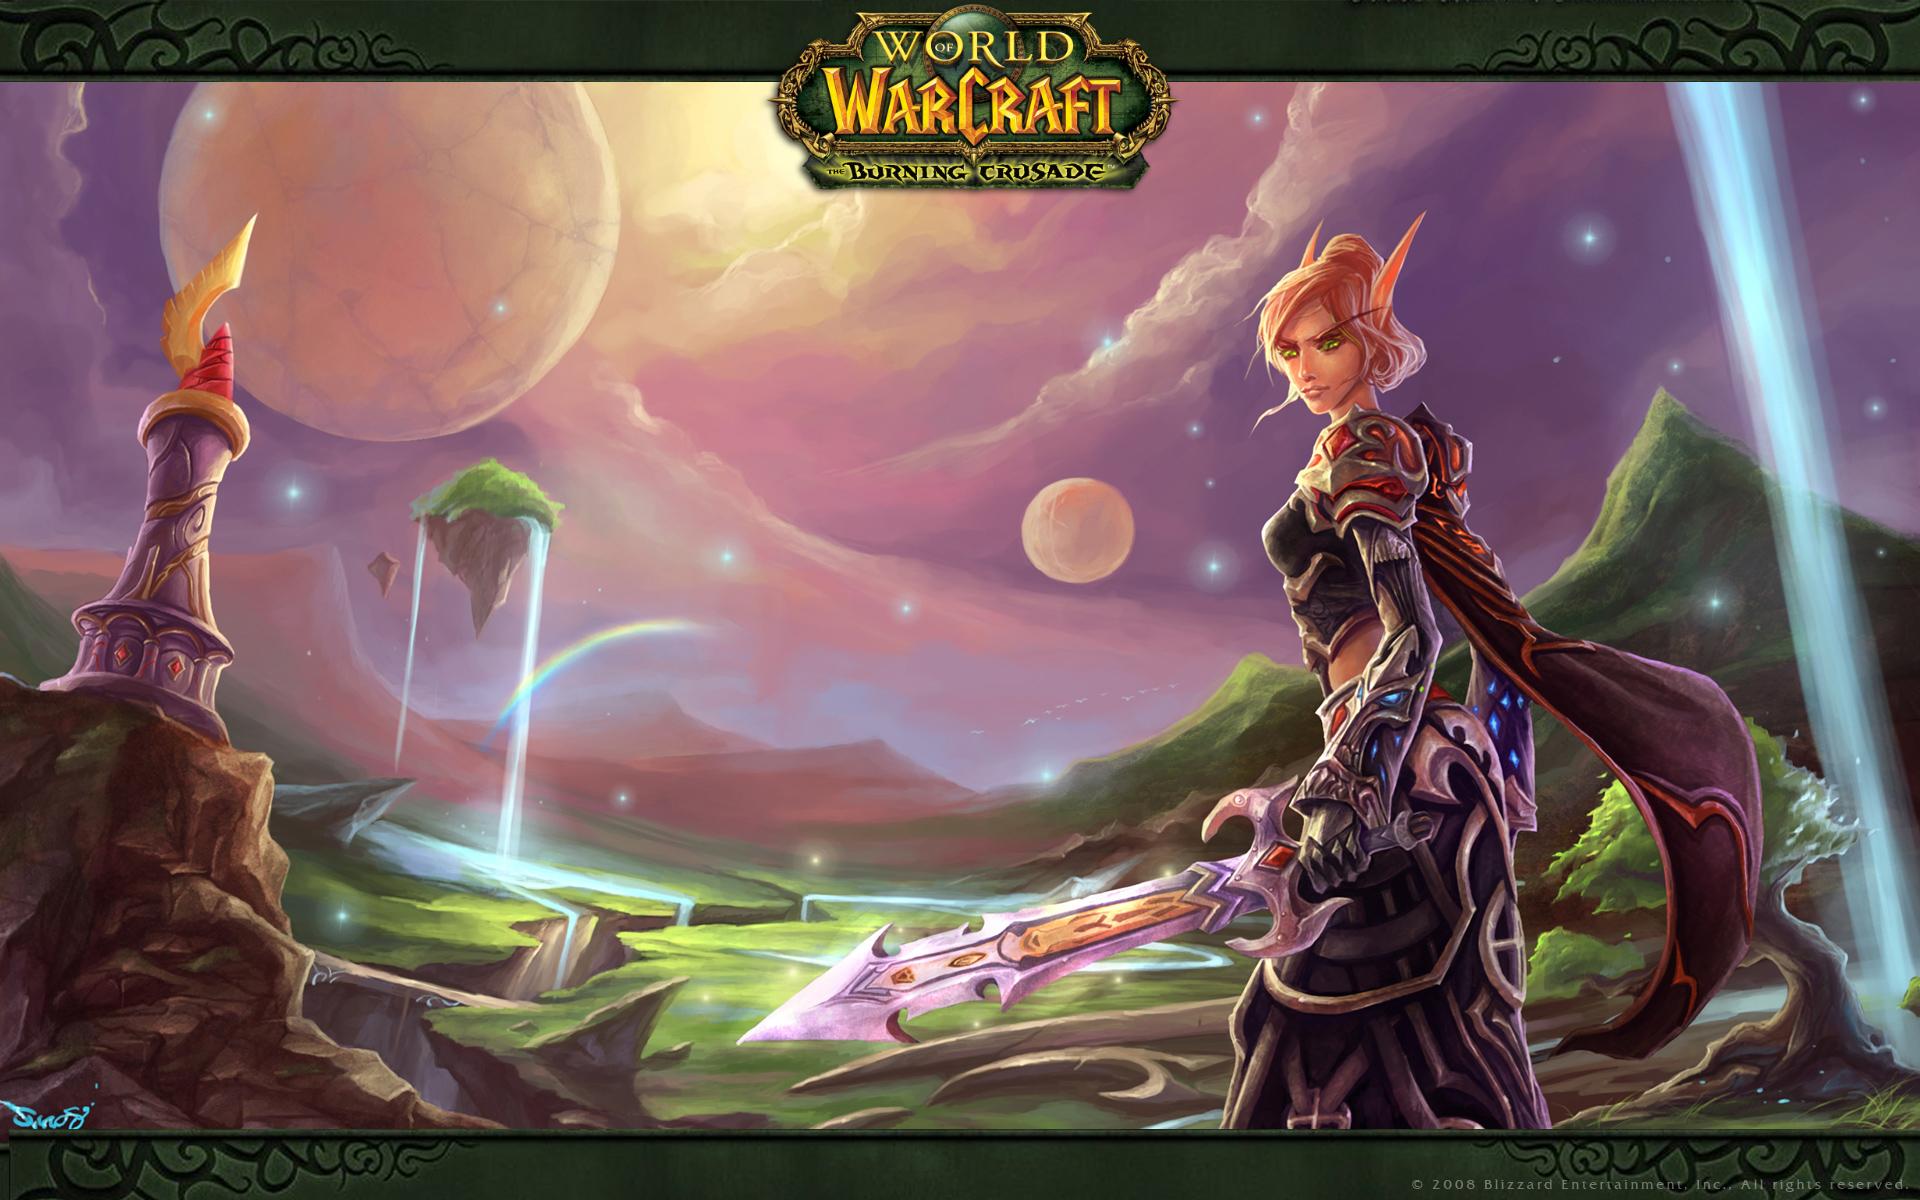 World Of Warcraft Wallpaper 1920 X 1080 Wallpaper 46938